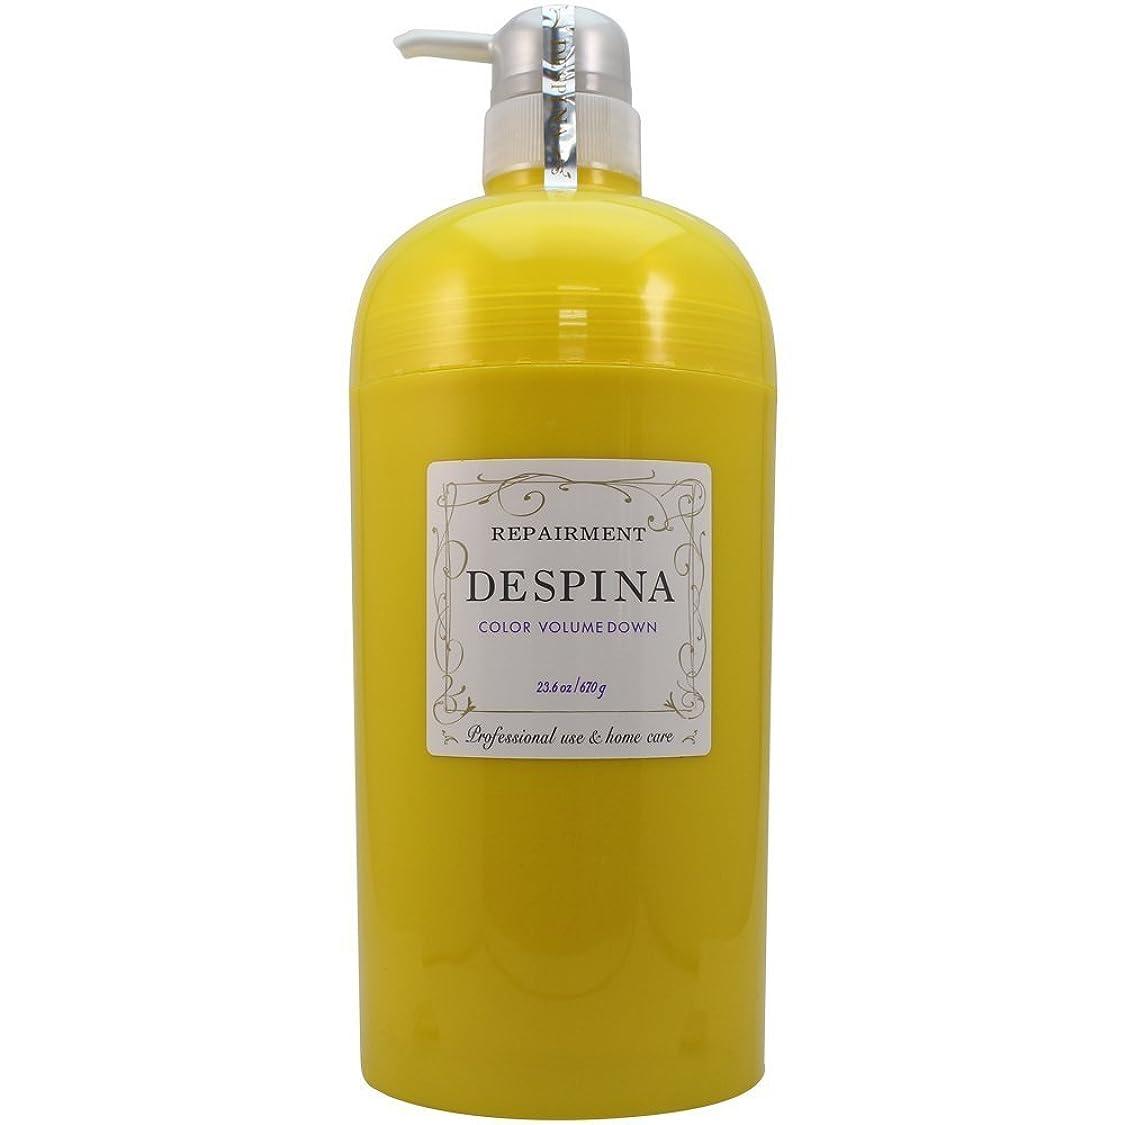 人に関する限り法廷栄光の中野製薬 デスピナ リペアメント カラー ボリュームダウン 670g